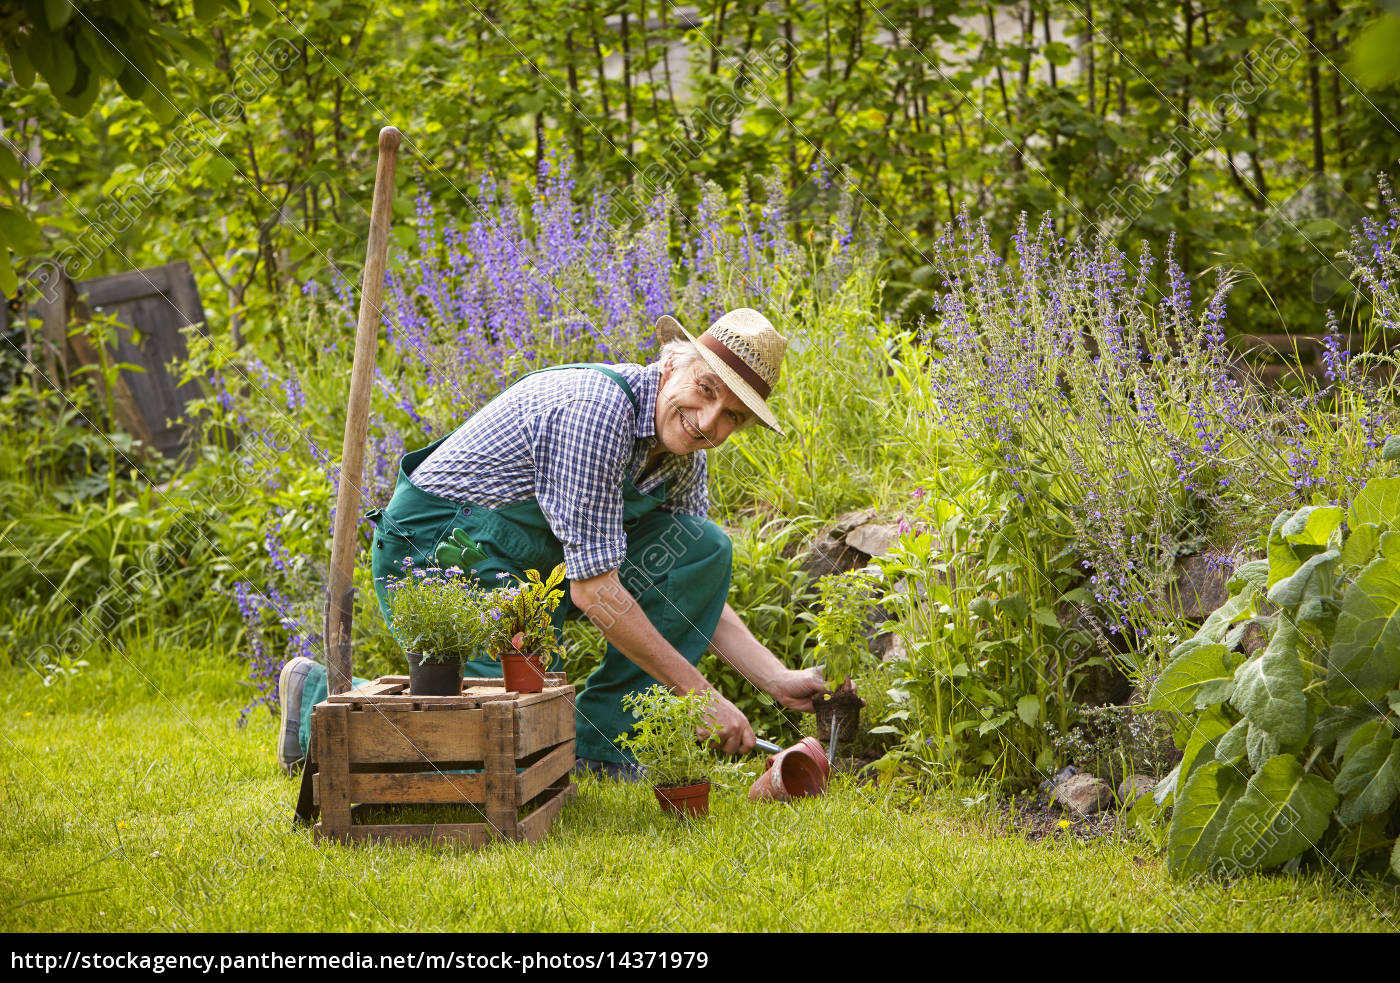 Lizenzfreies Bild 14371979   Mann Garten Pflanzen